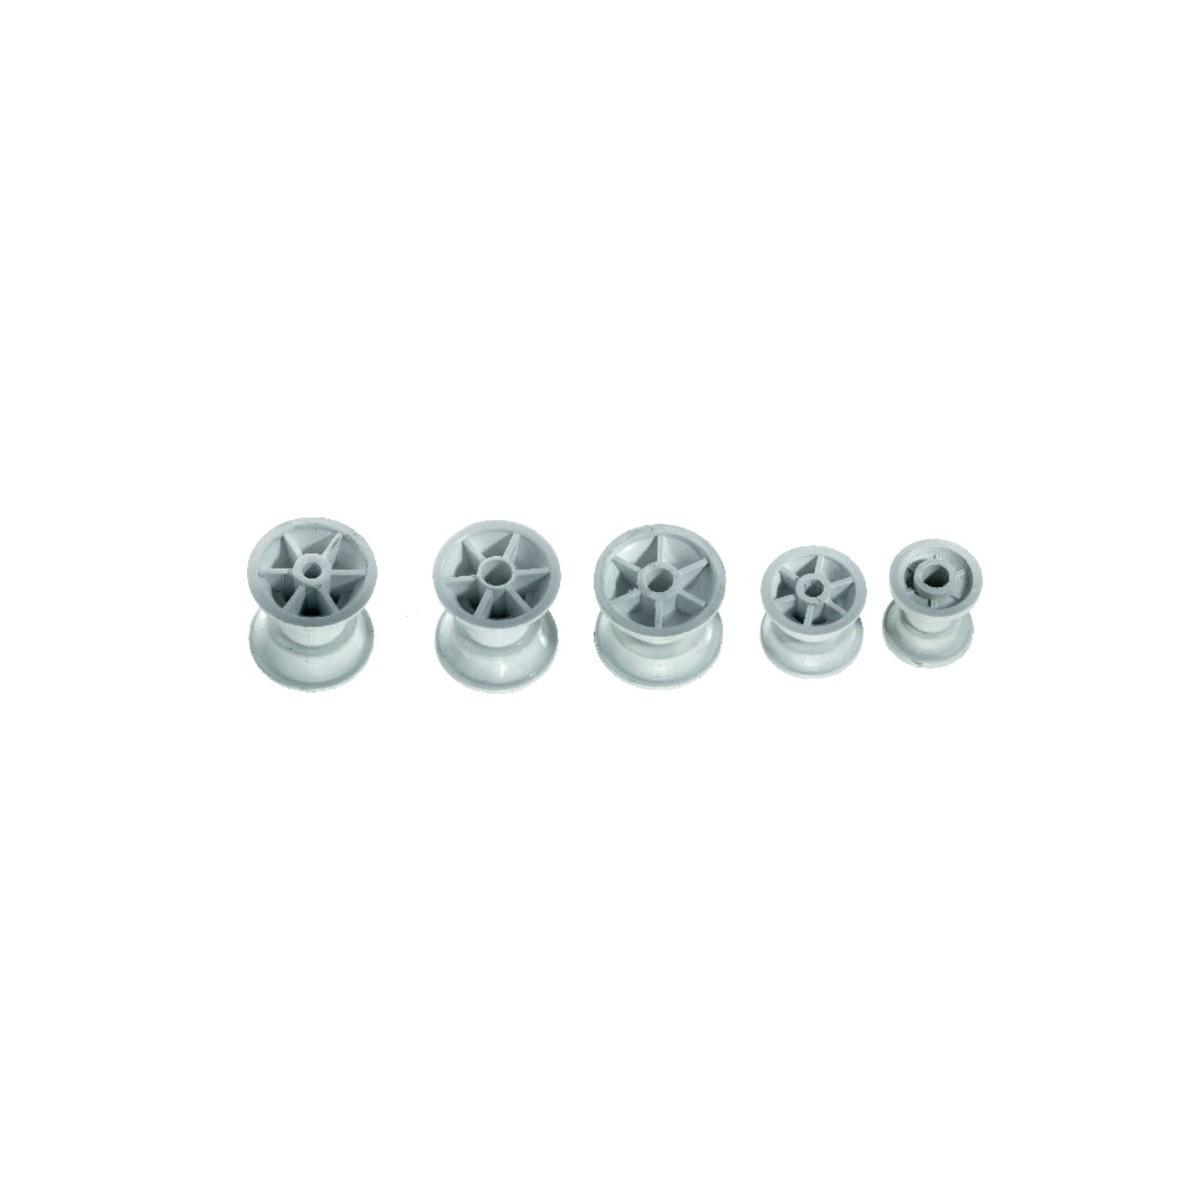 9.13 - Ροδάκι Πλαστικό Μήκους 70mm